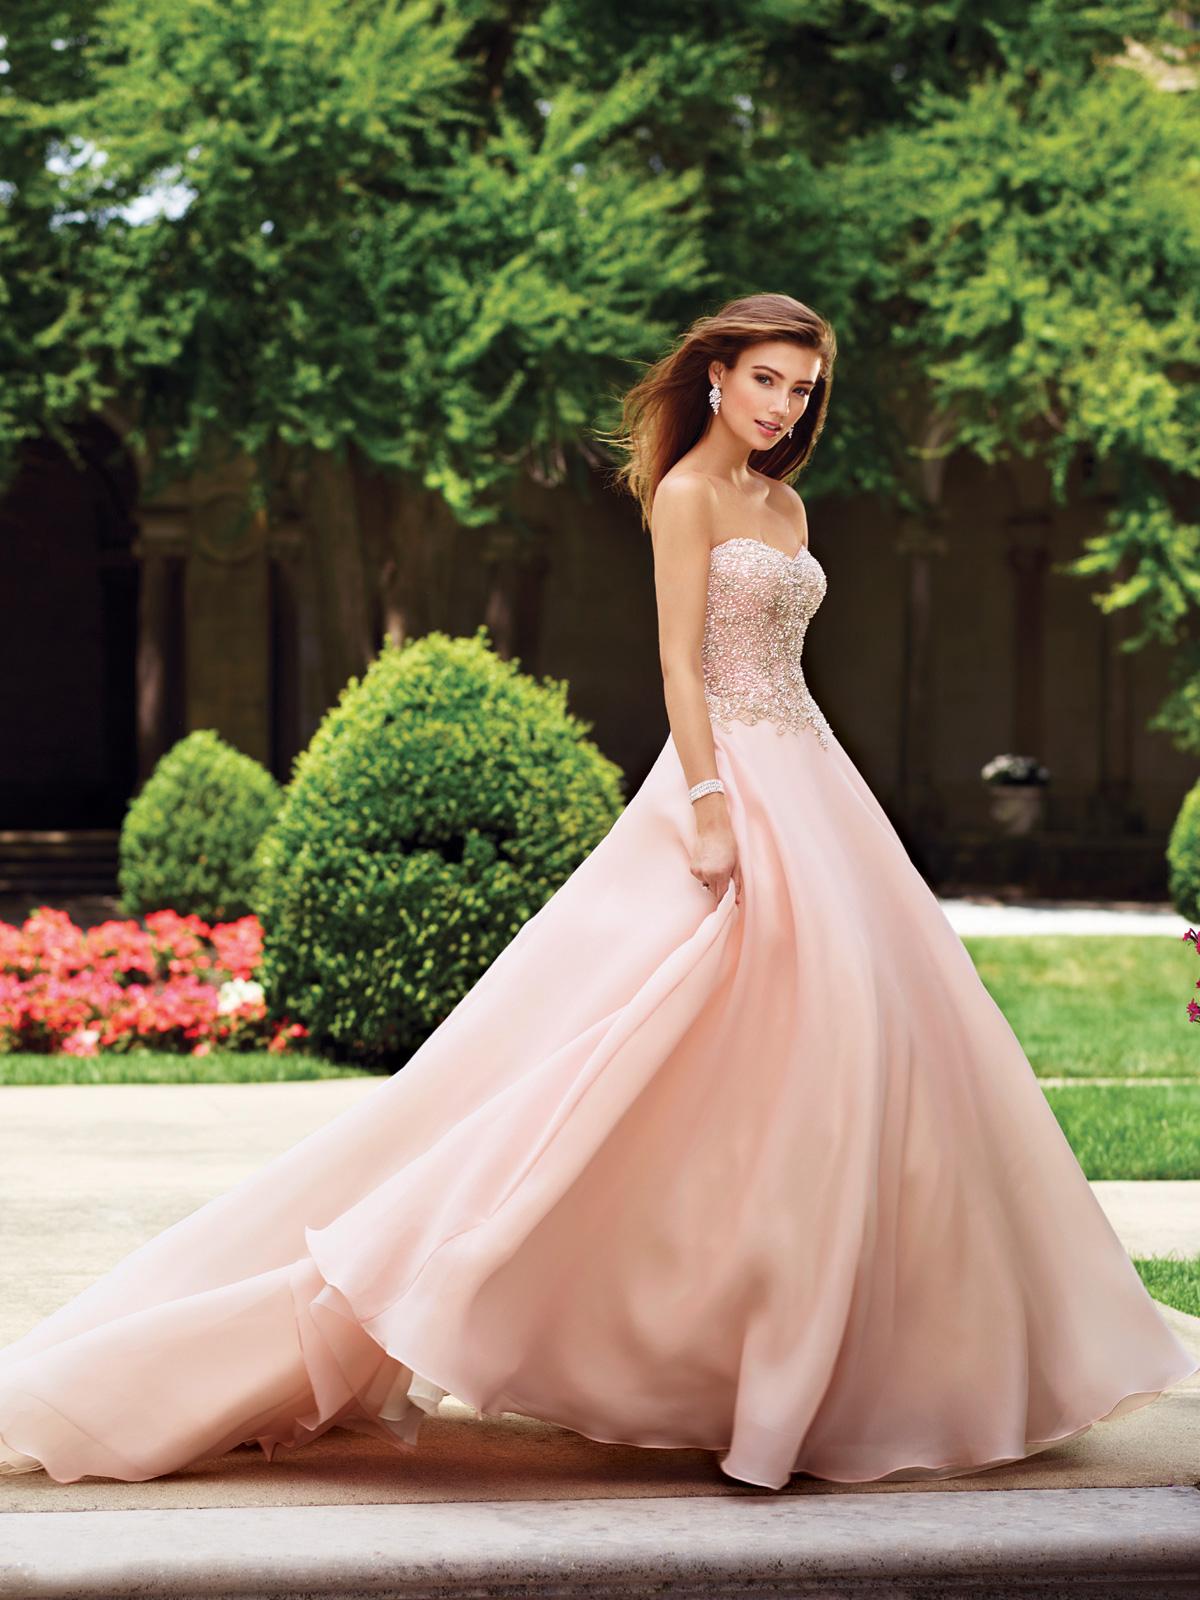 Vestido de Noiva tomara que caia princesa com corpete acinturado todo bordado em pedrarias e cristais, saia evasê lisa em organza e leve cauda.